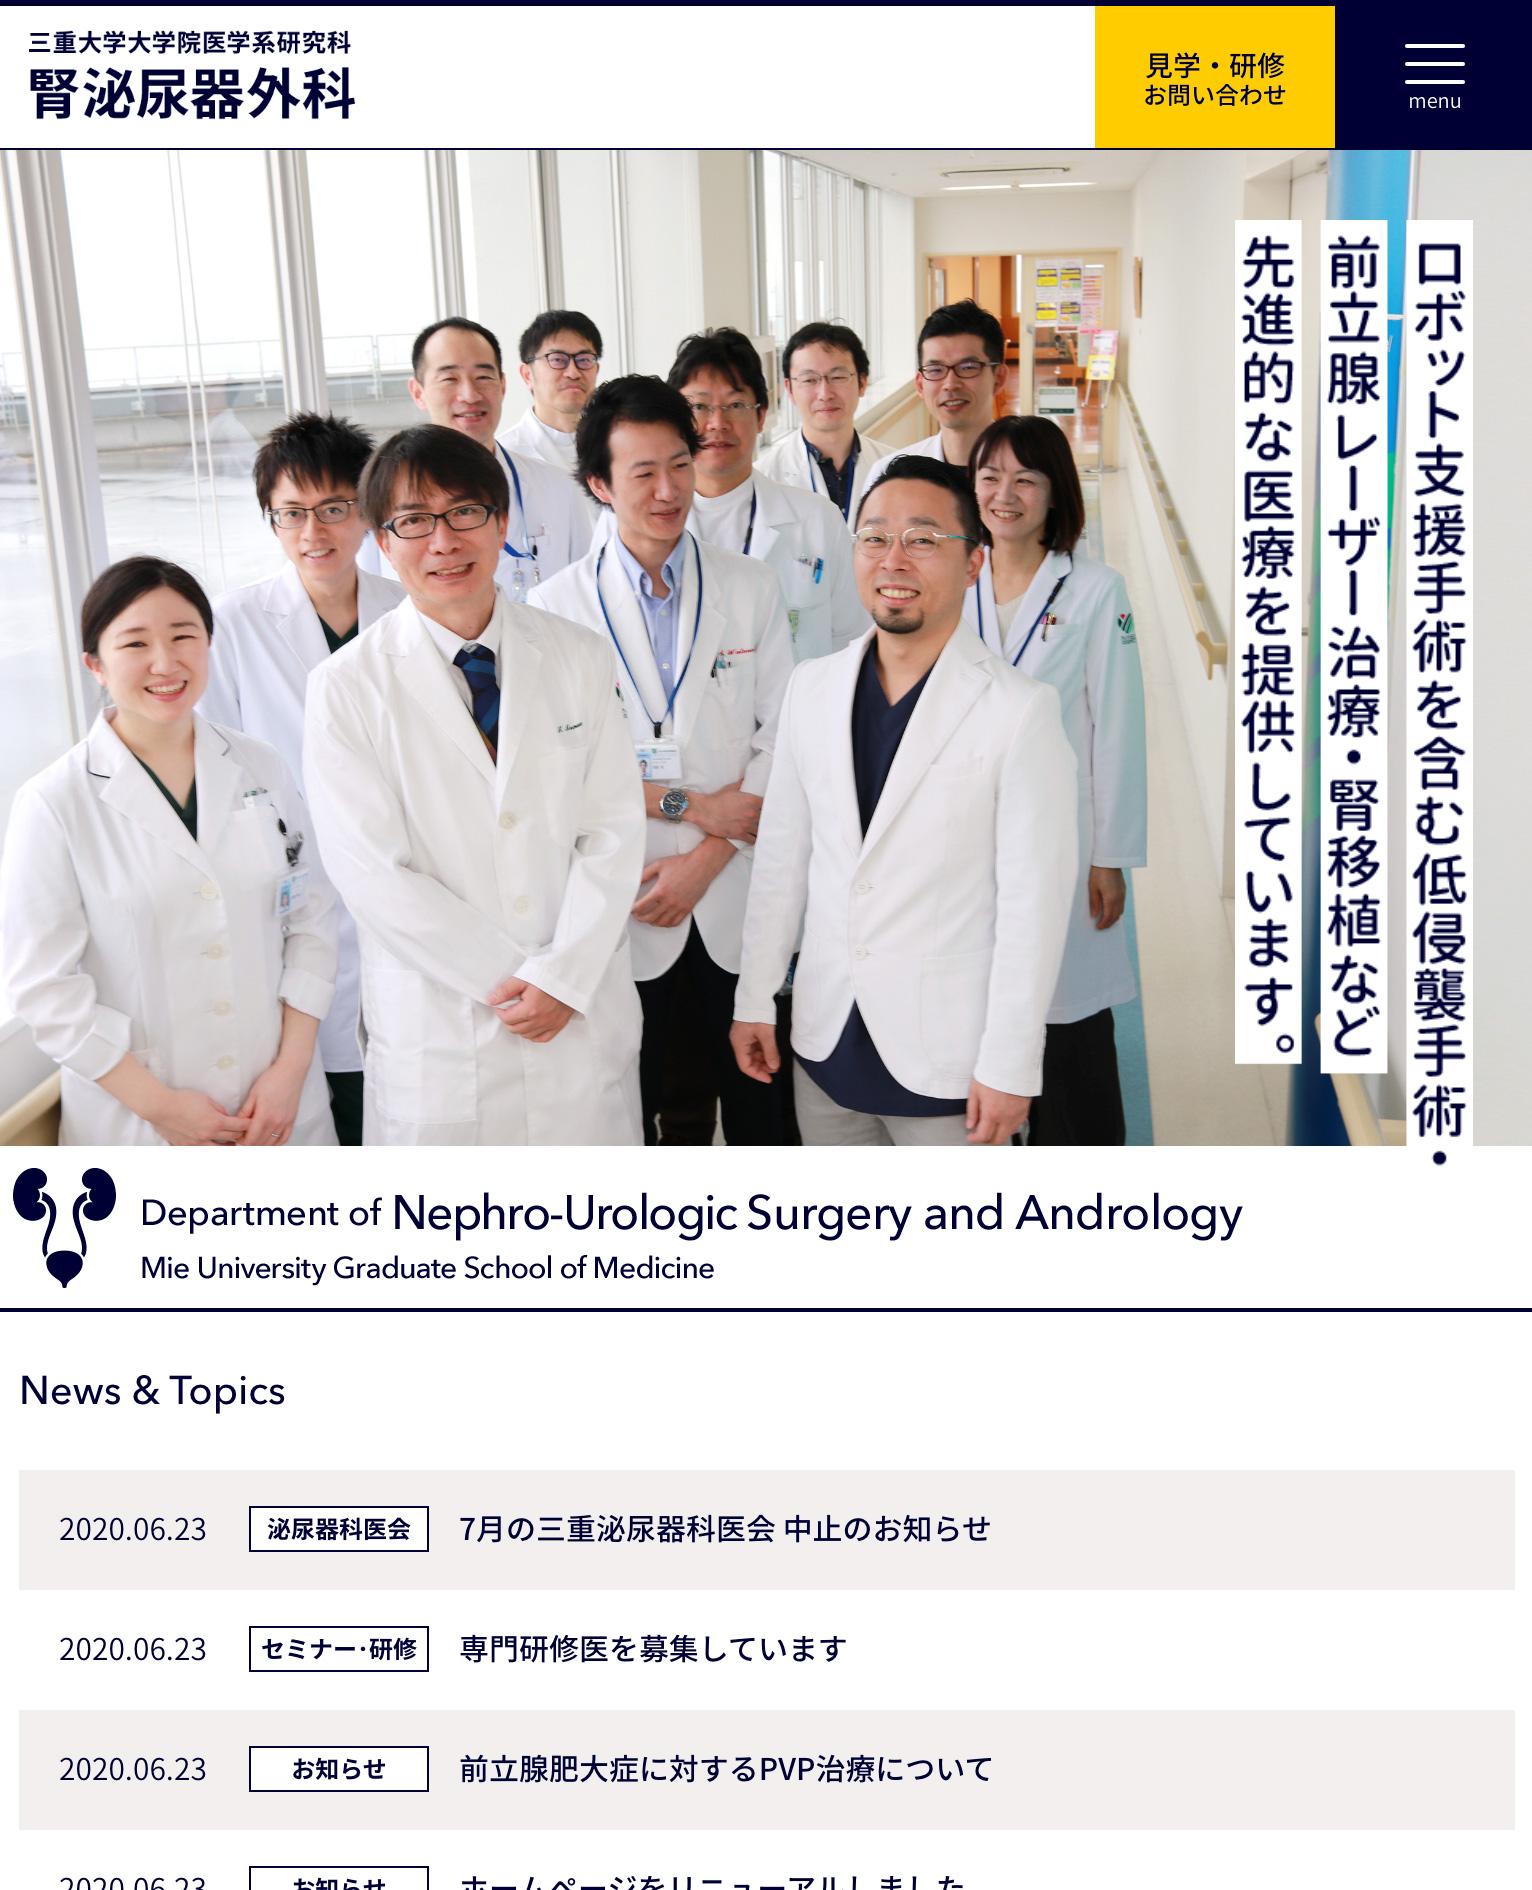 腎泌尿器外科 トップページ タブレット表示